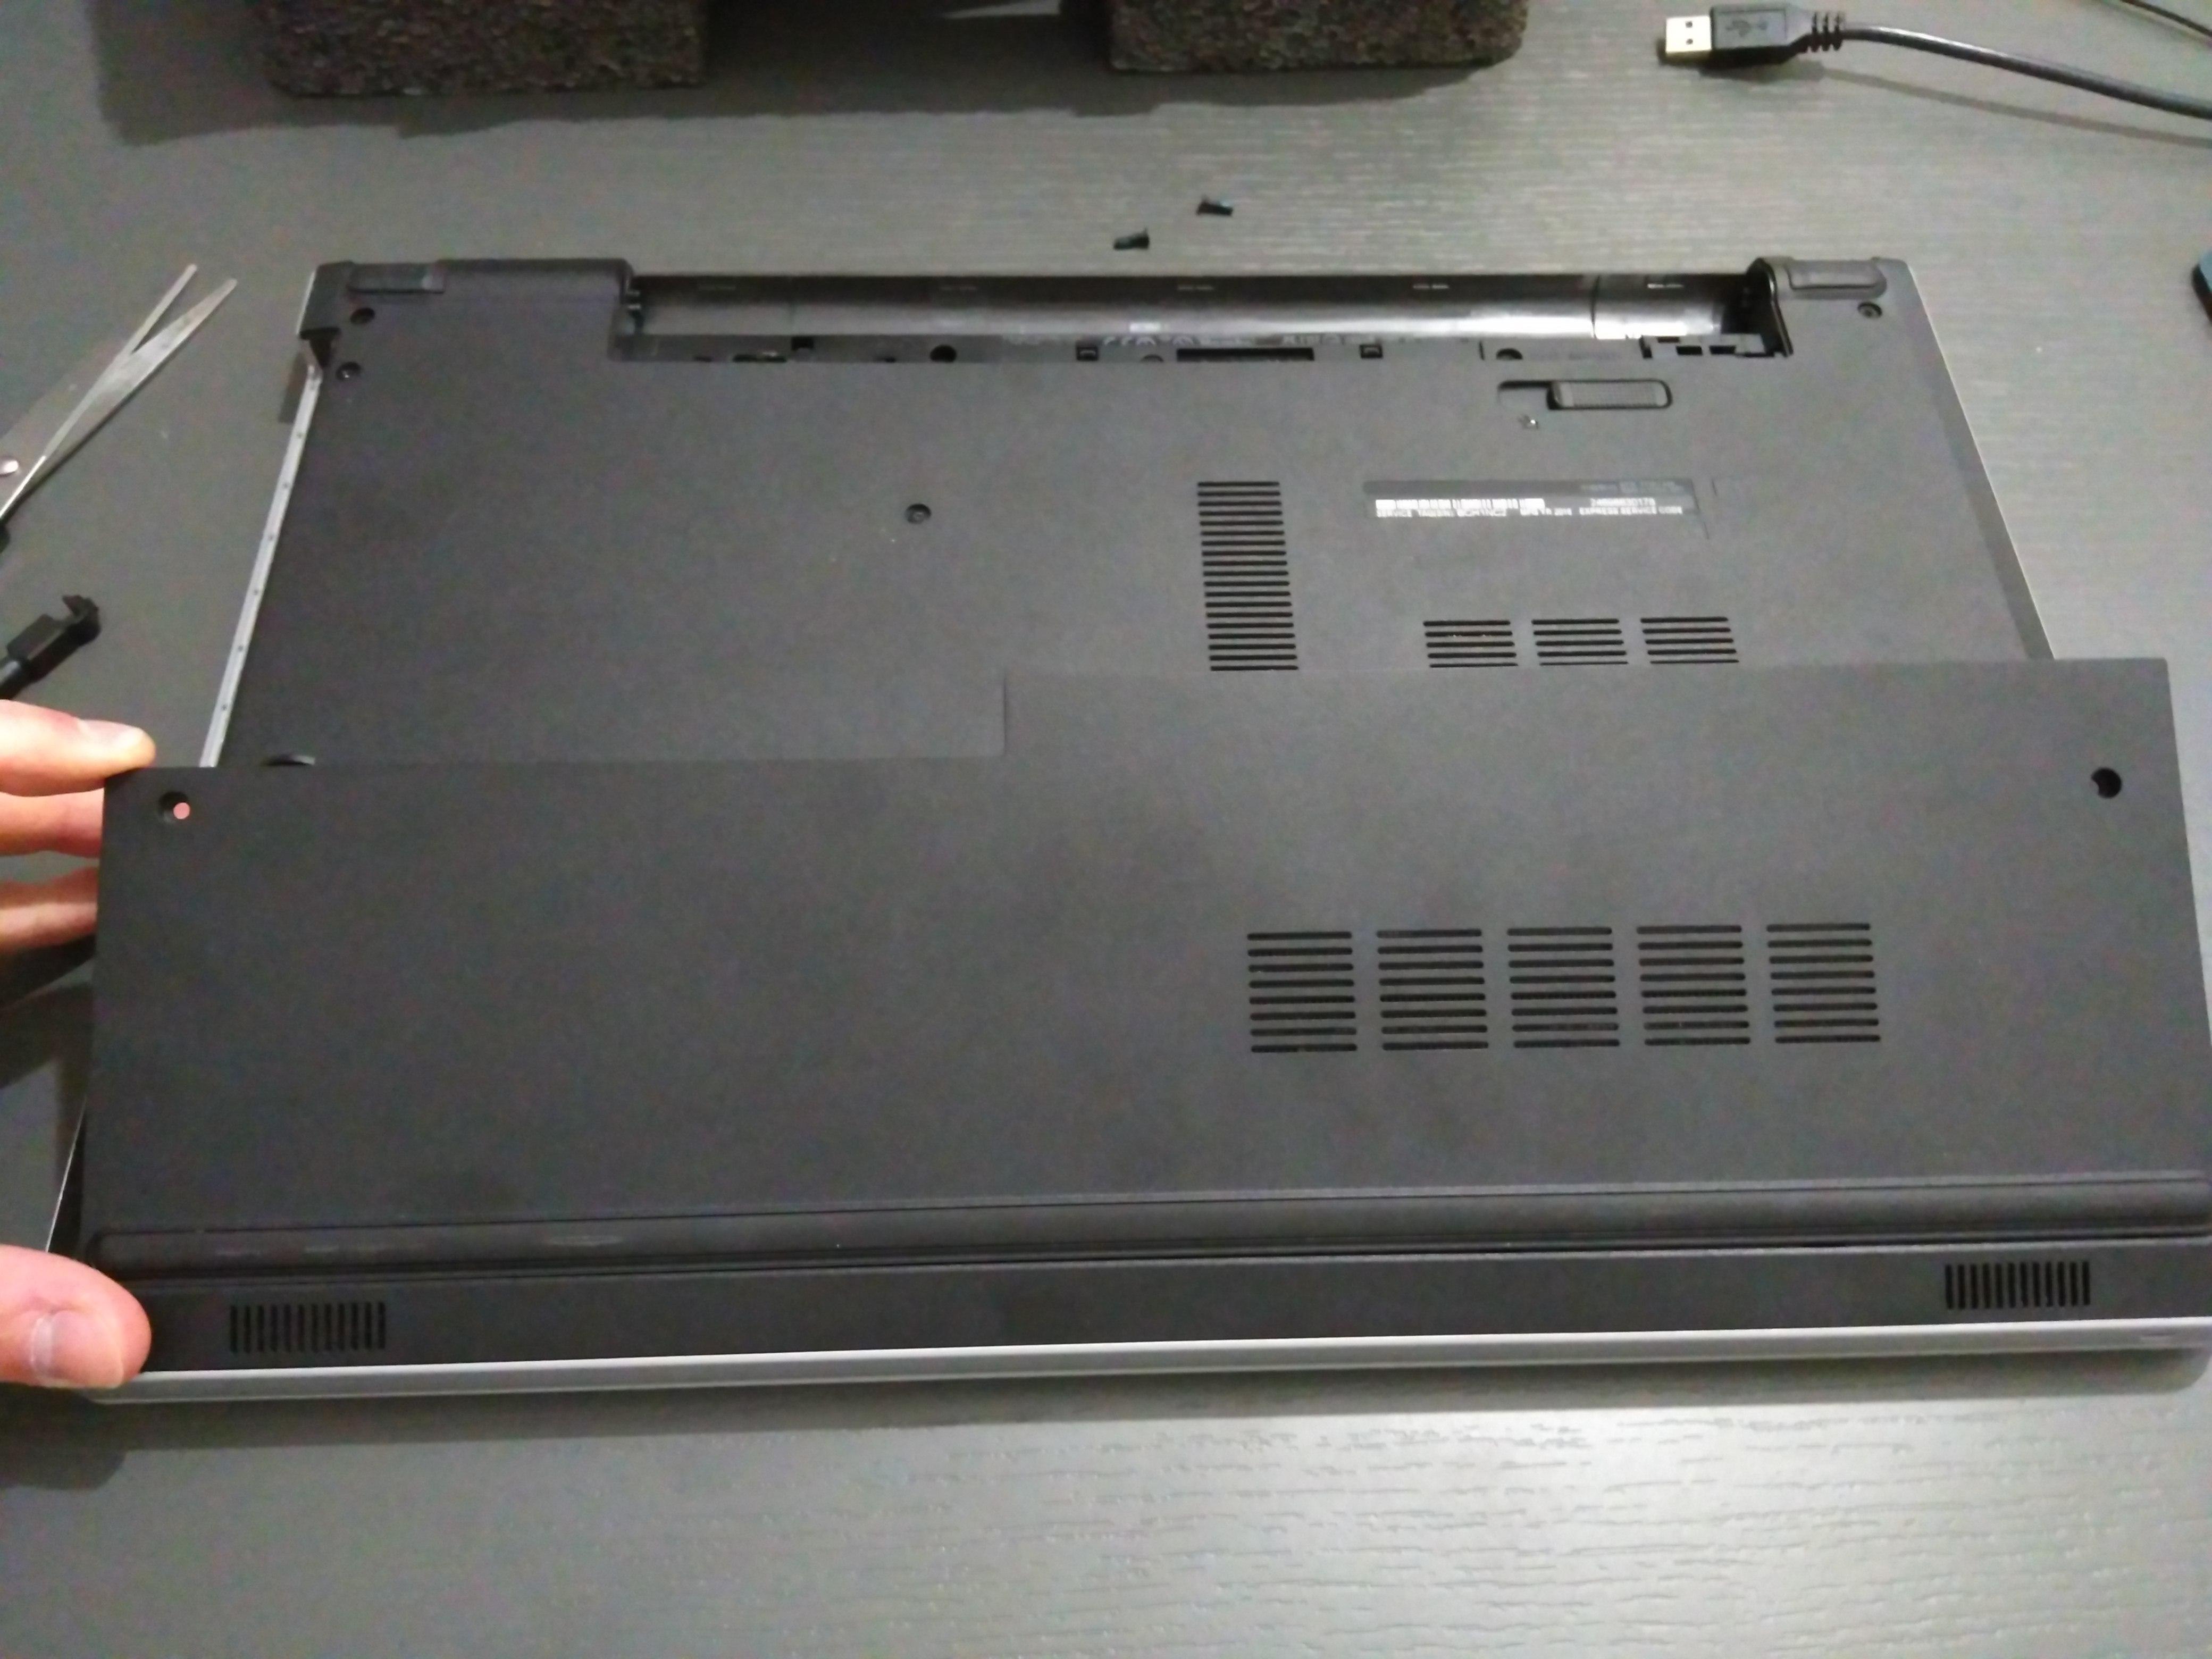 Opening laptop